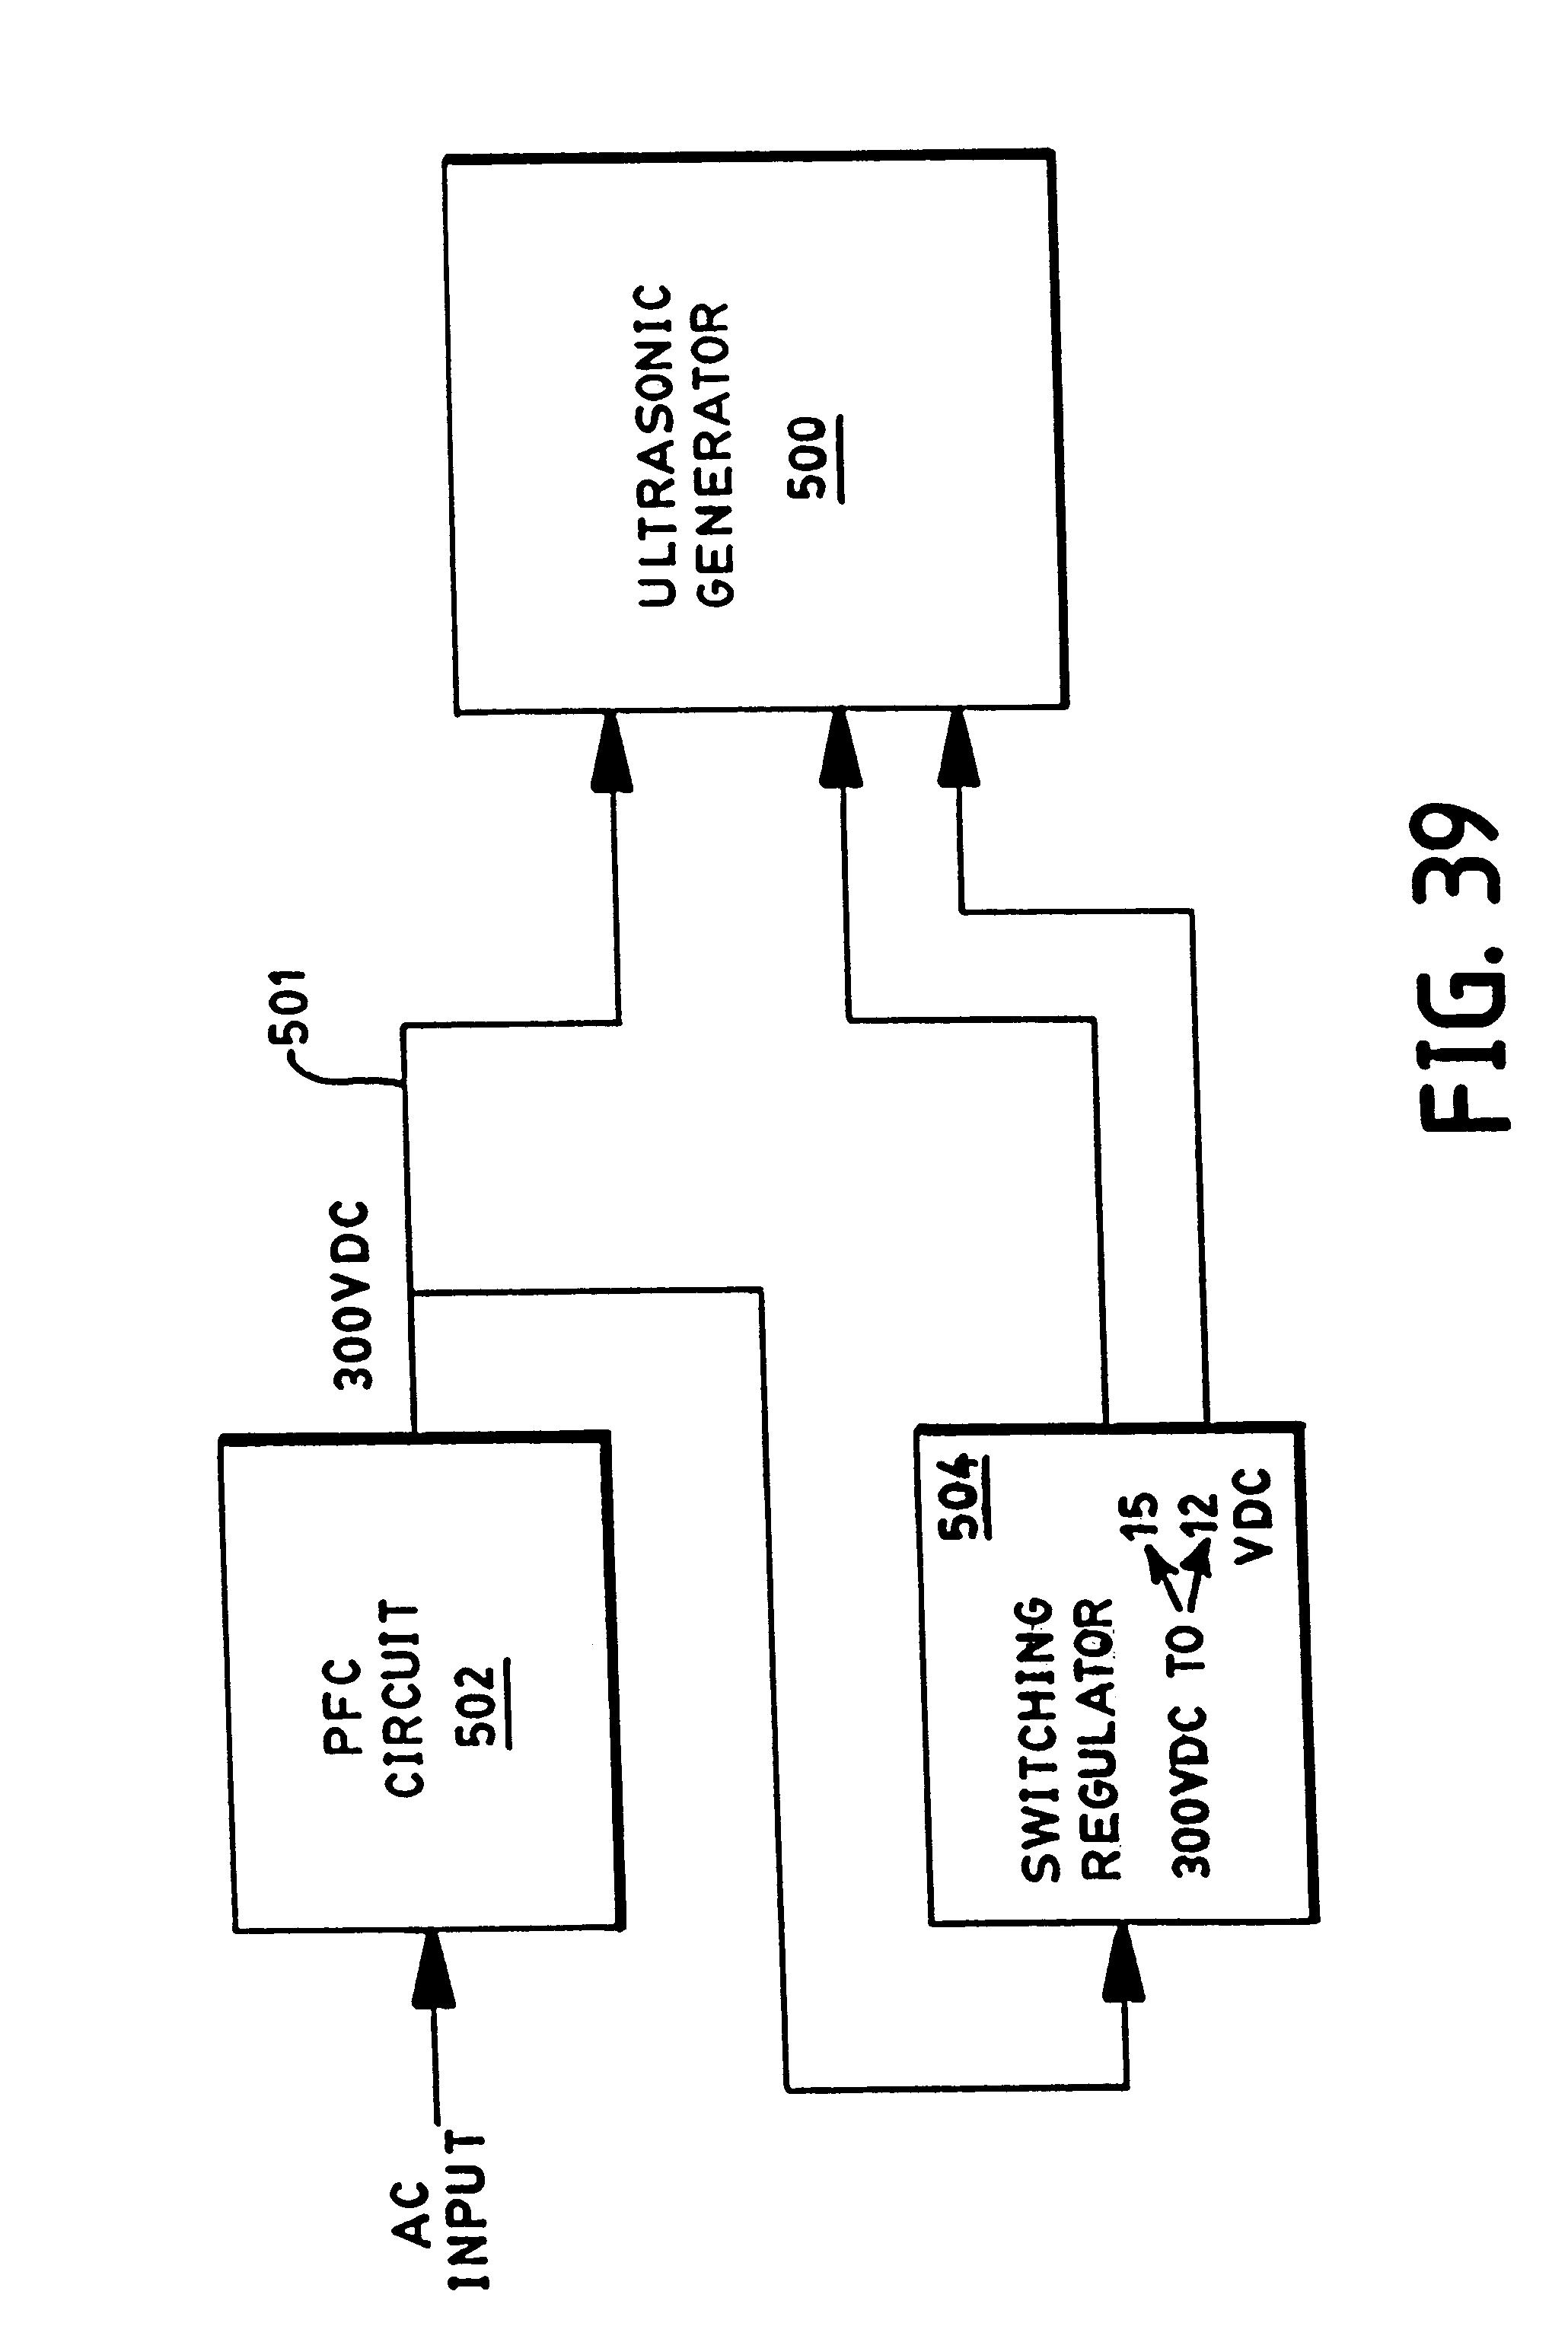 patent us6172444